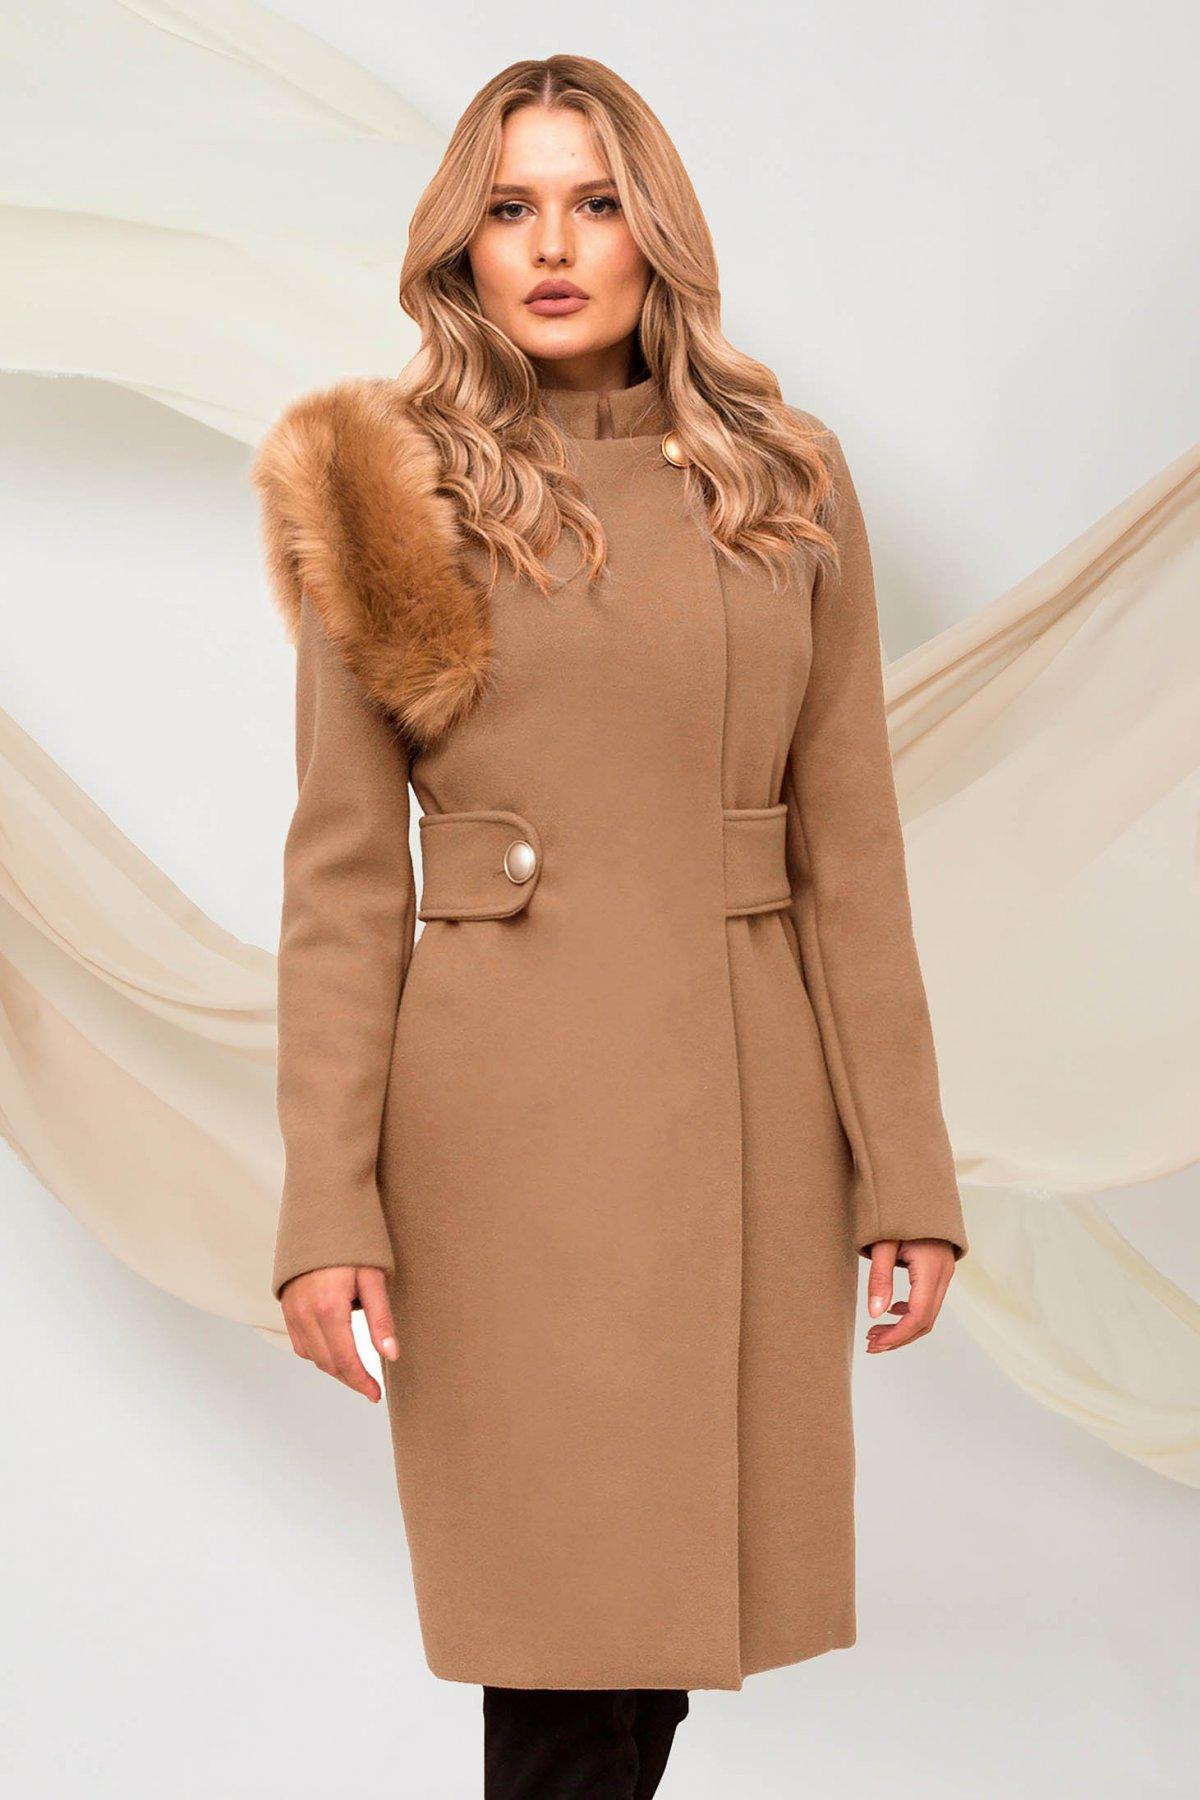 Palton PrettyGirl cappuccino din stofa cu insertii cu blana ecologica accesorizat cu cordon